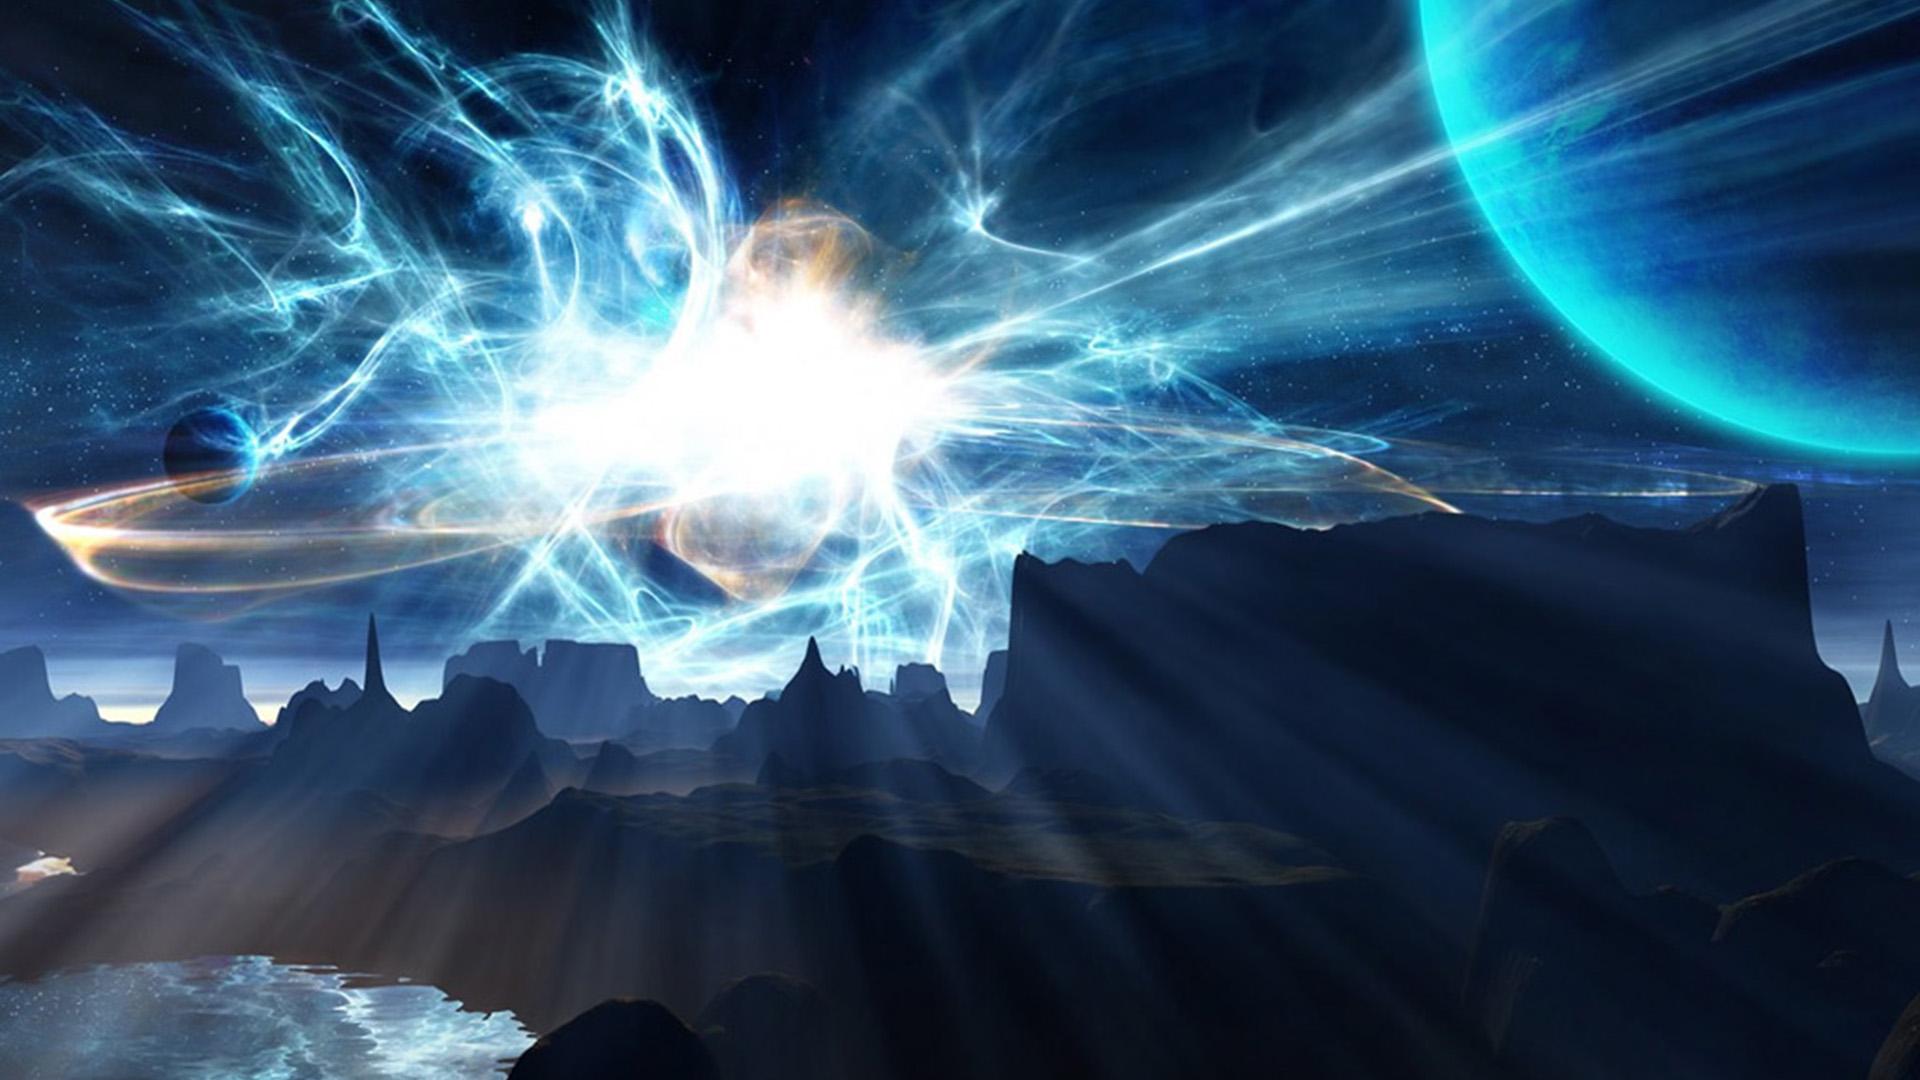 Intense Nebula